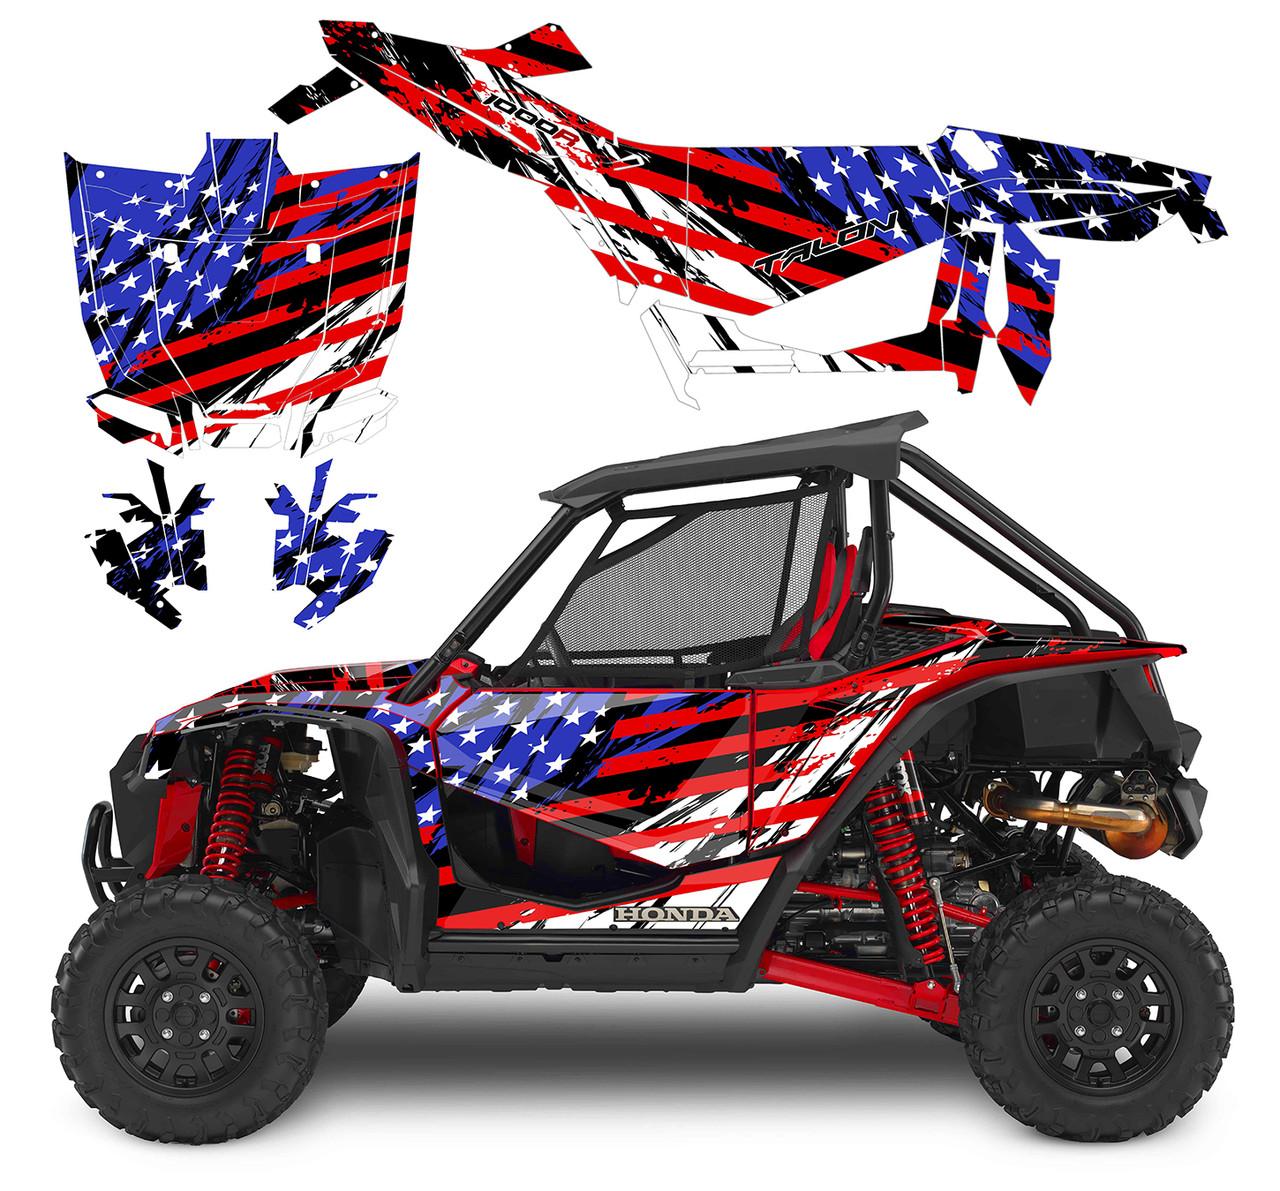 American Flag Racing Stripes utv wrap kit for Honda Talon